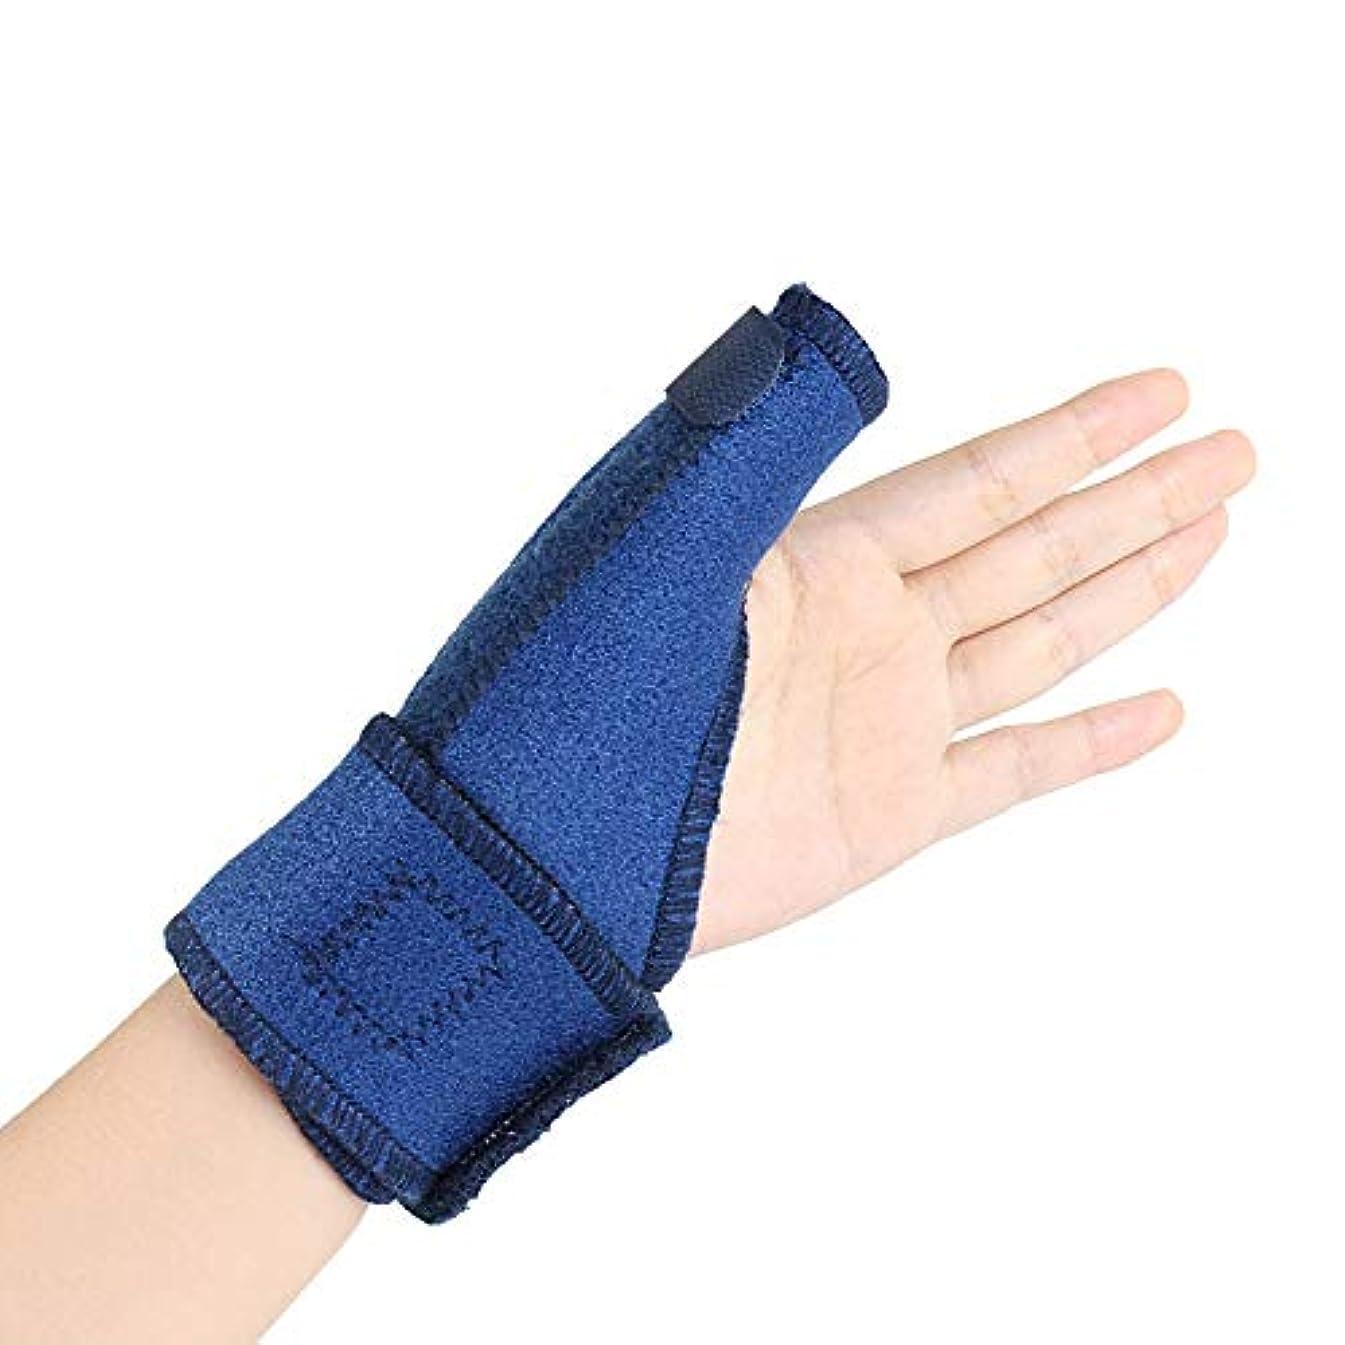 フロンティアストレスの多い電極yuio トリガーフィンガースプリントフィンガーブレースサムブレースサポート-関節炎用親指スピカスプリント、腱炎-シンプルなデザイン(右、青)